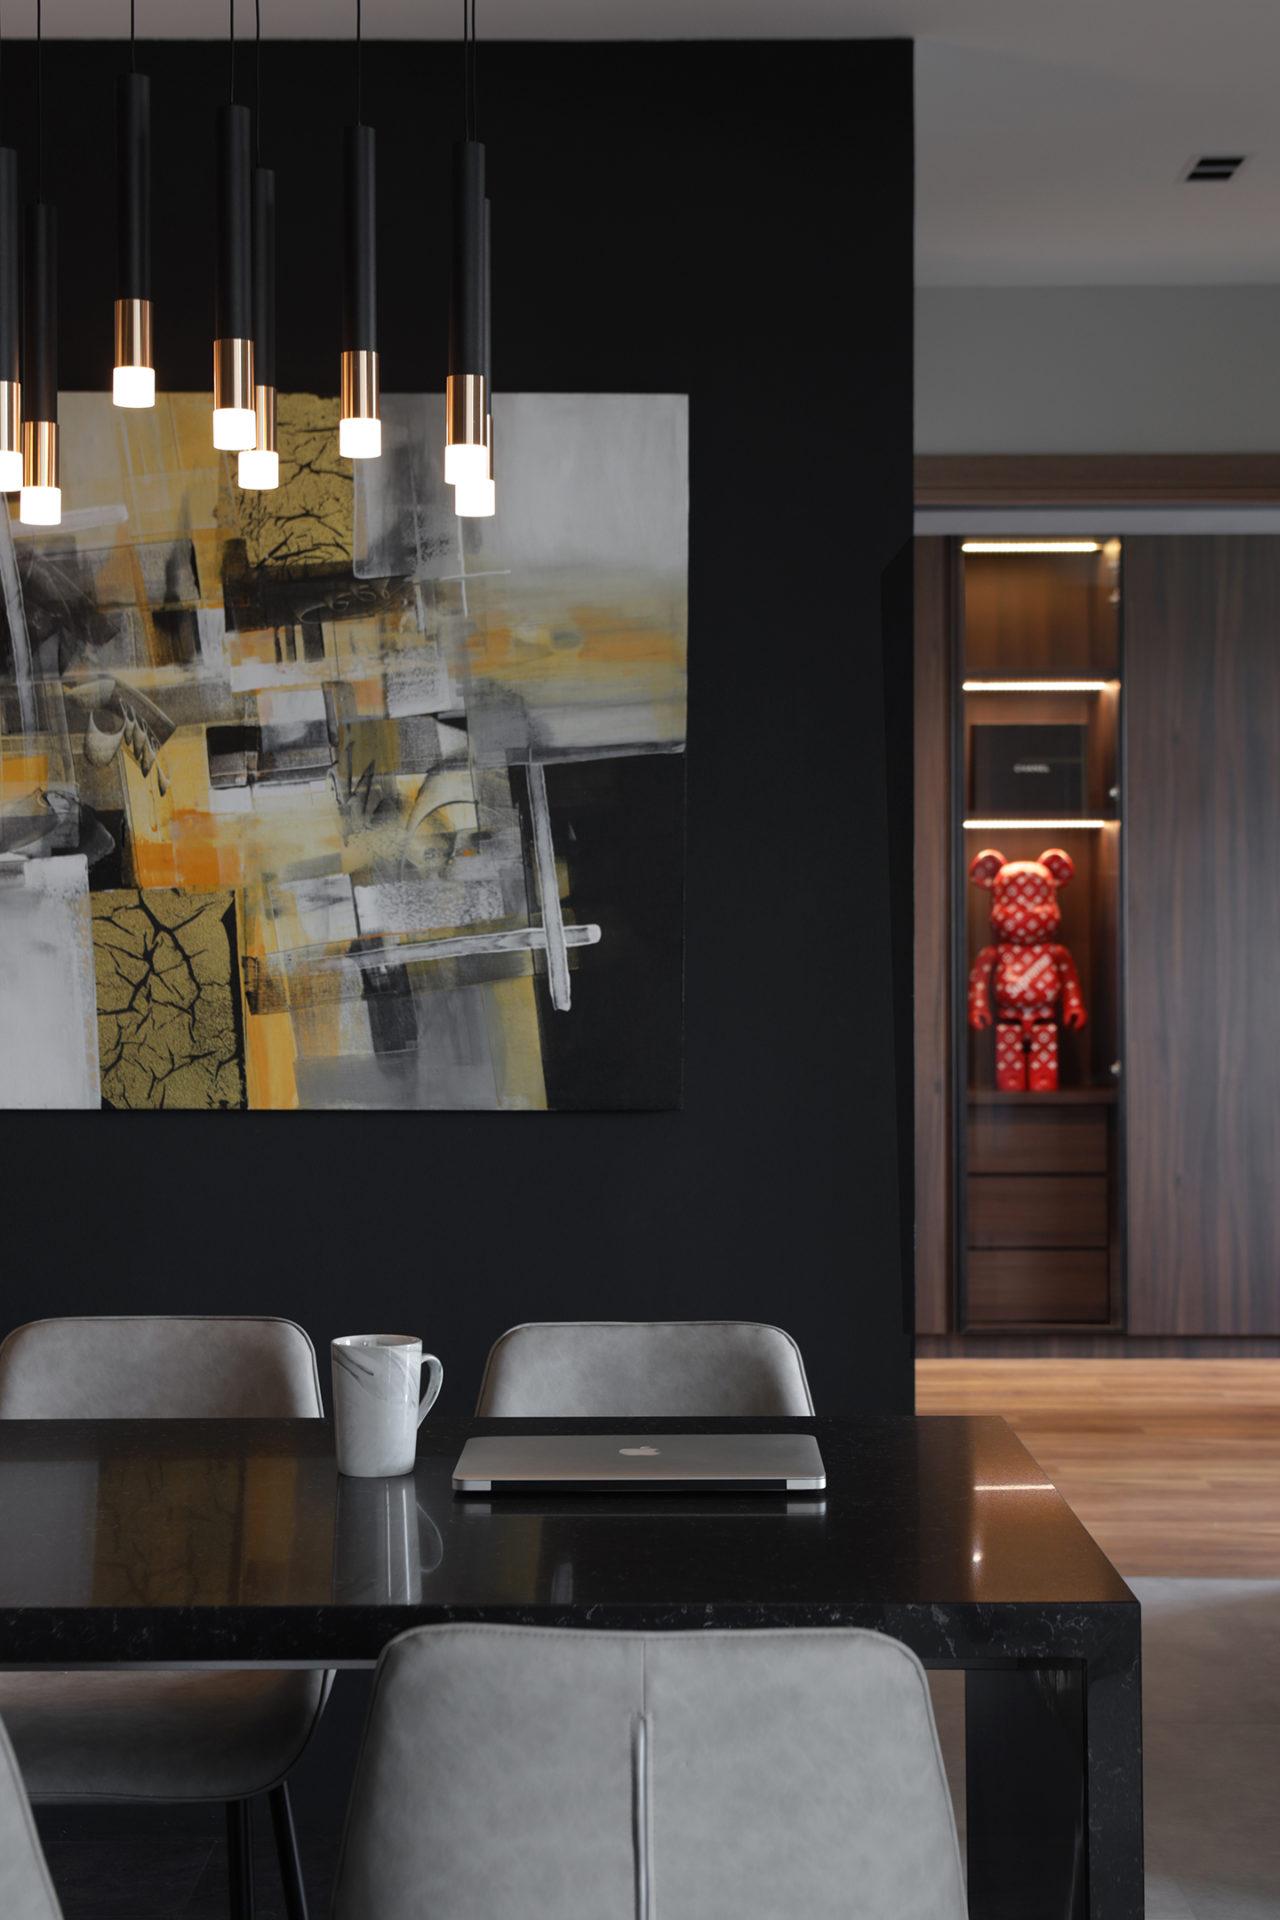 ascend design Canberra Road dining details 2